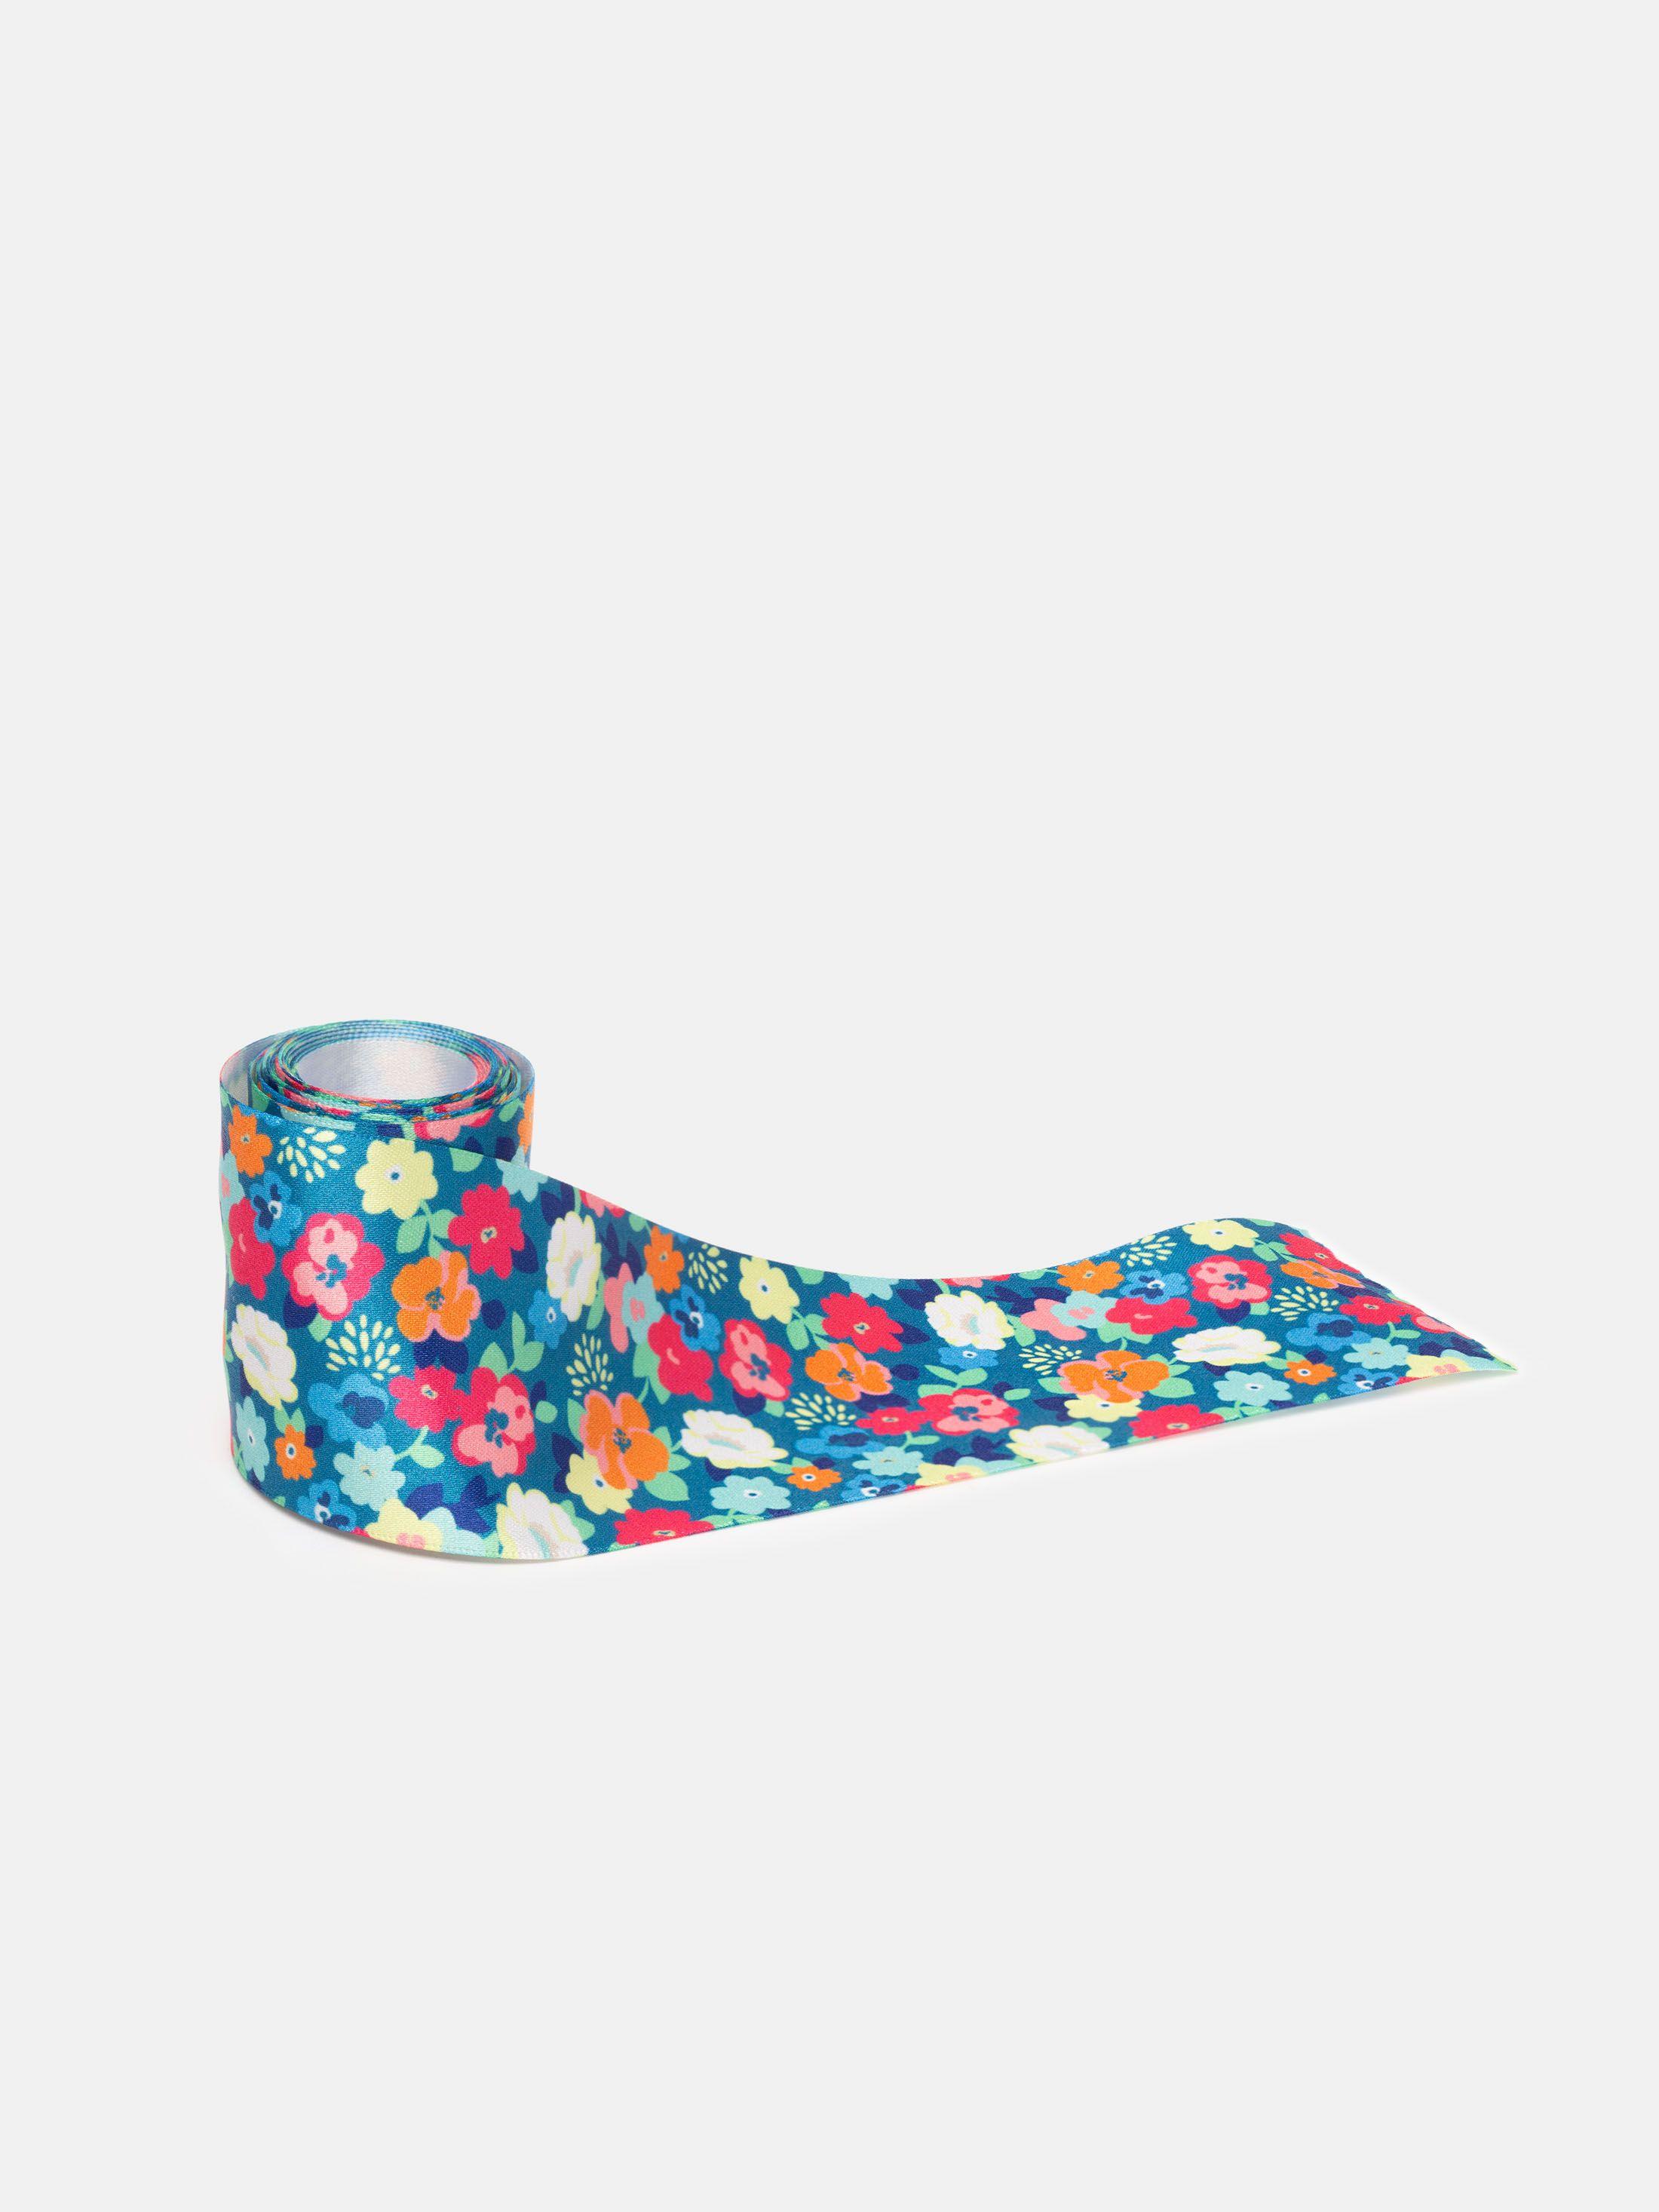 Printed designer ribbon custom printed